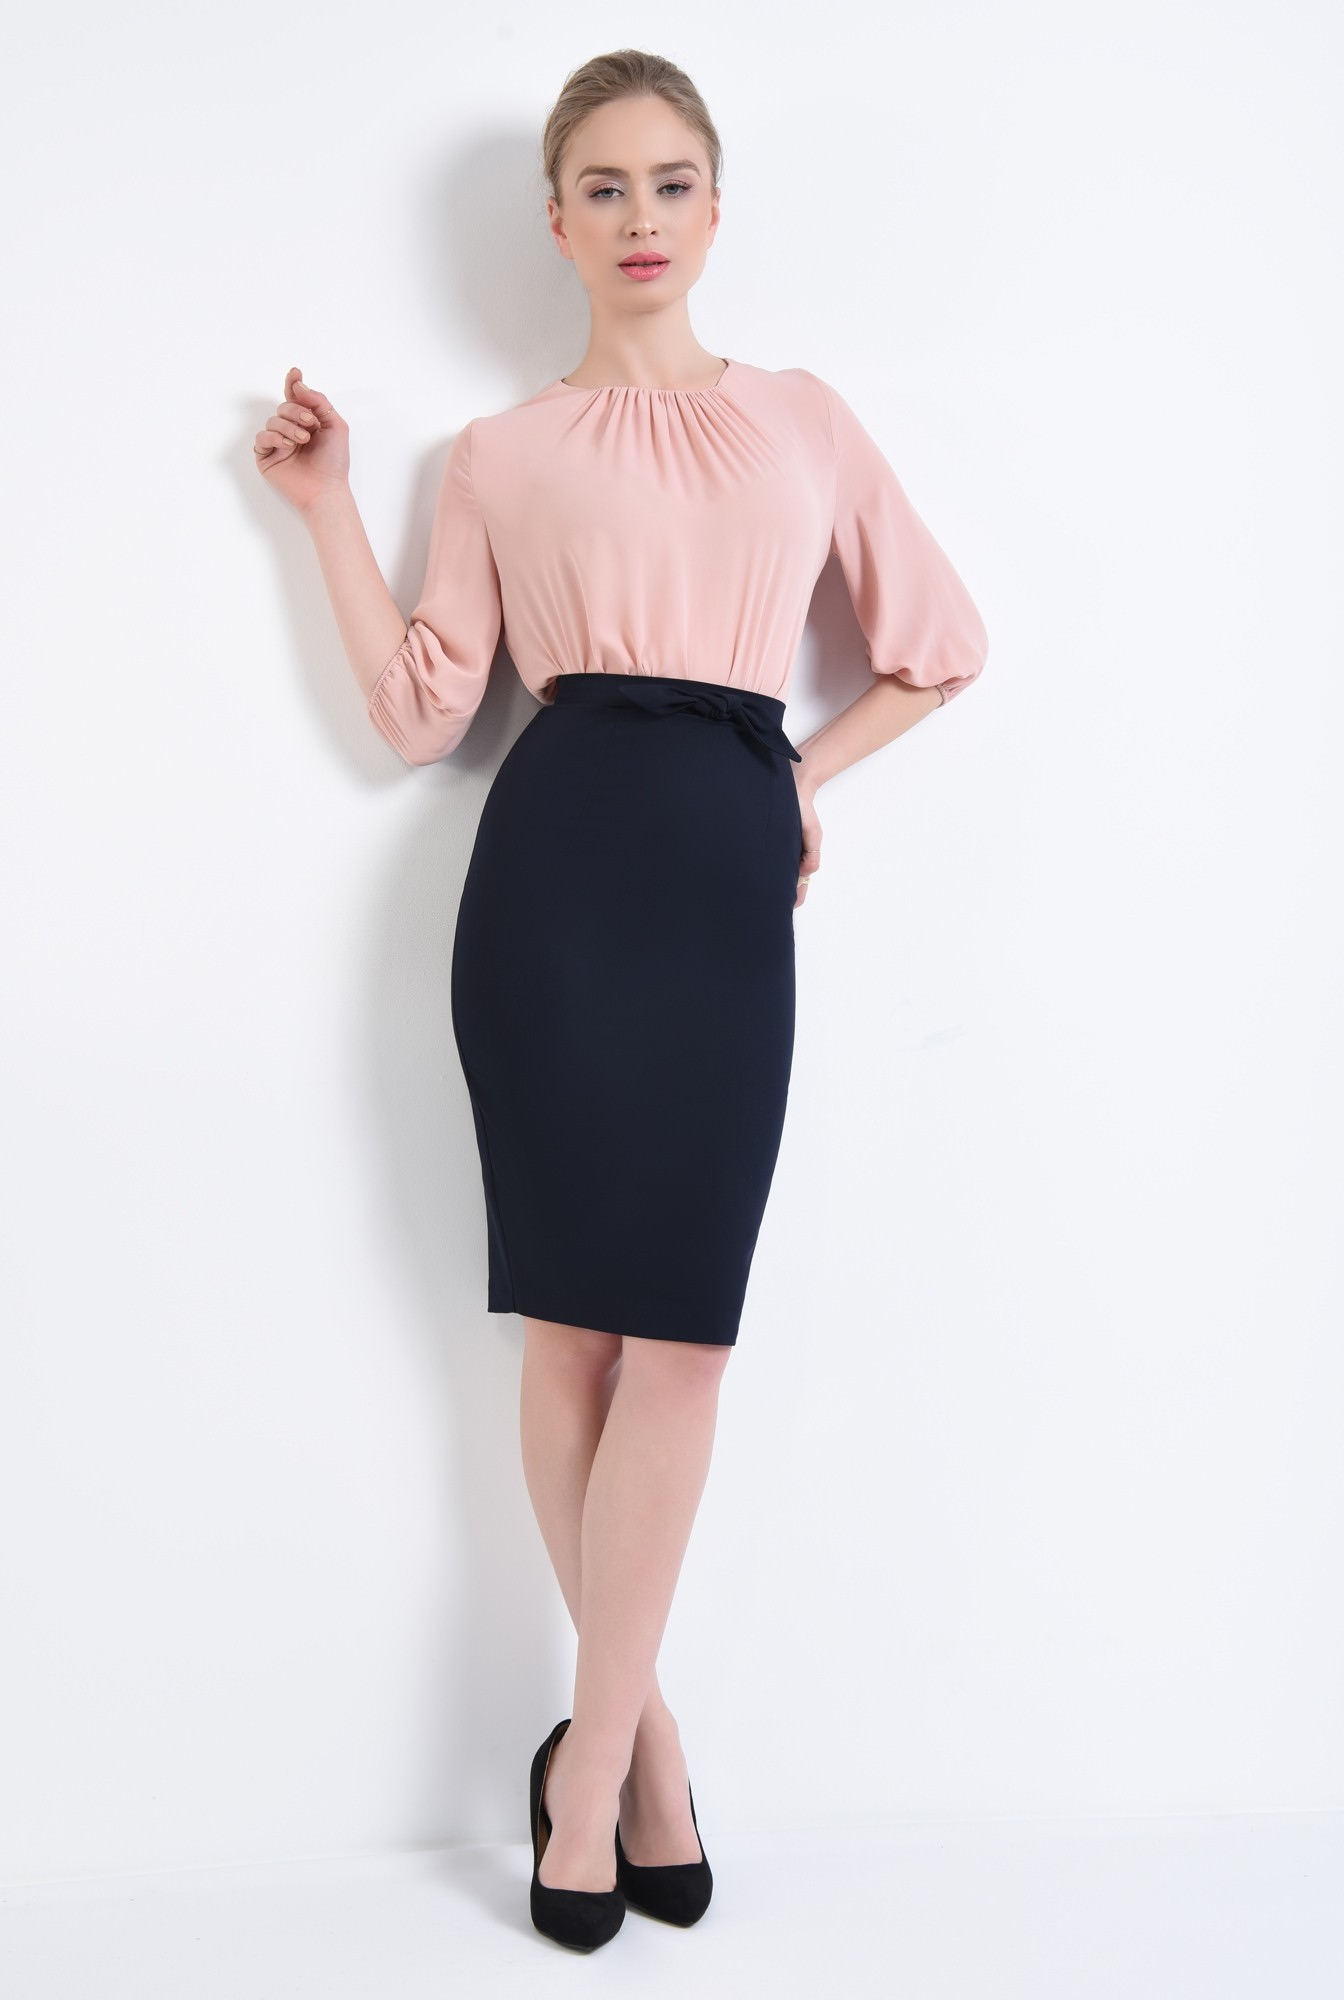 3 - Bluza casual, roz, pliseuri